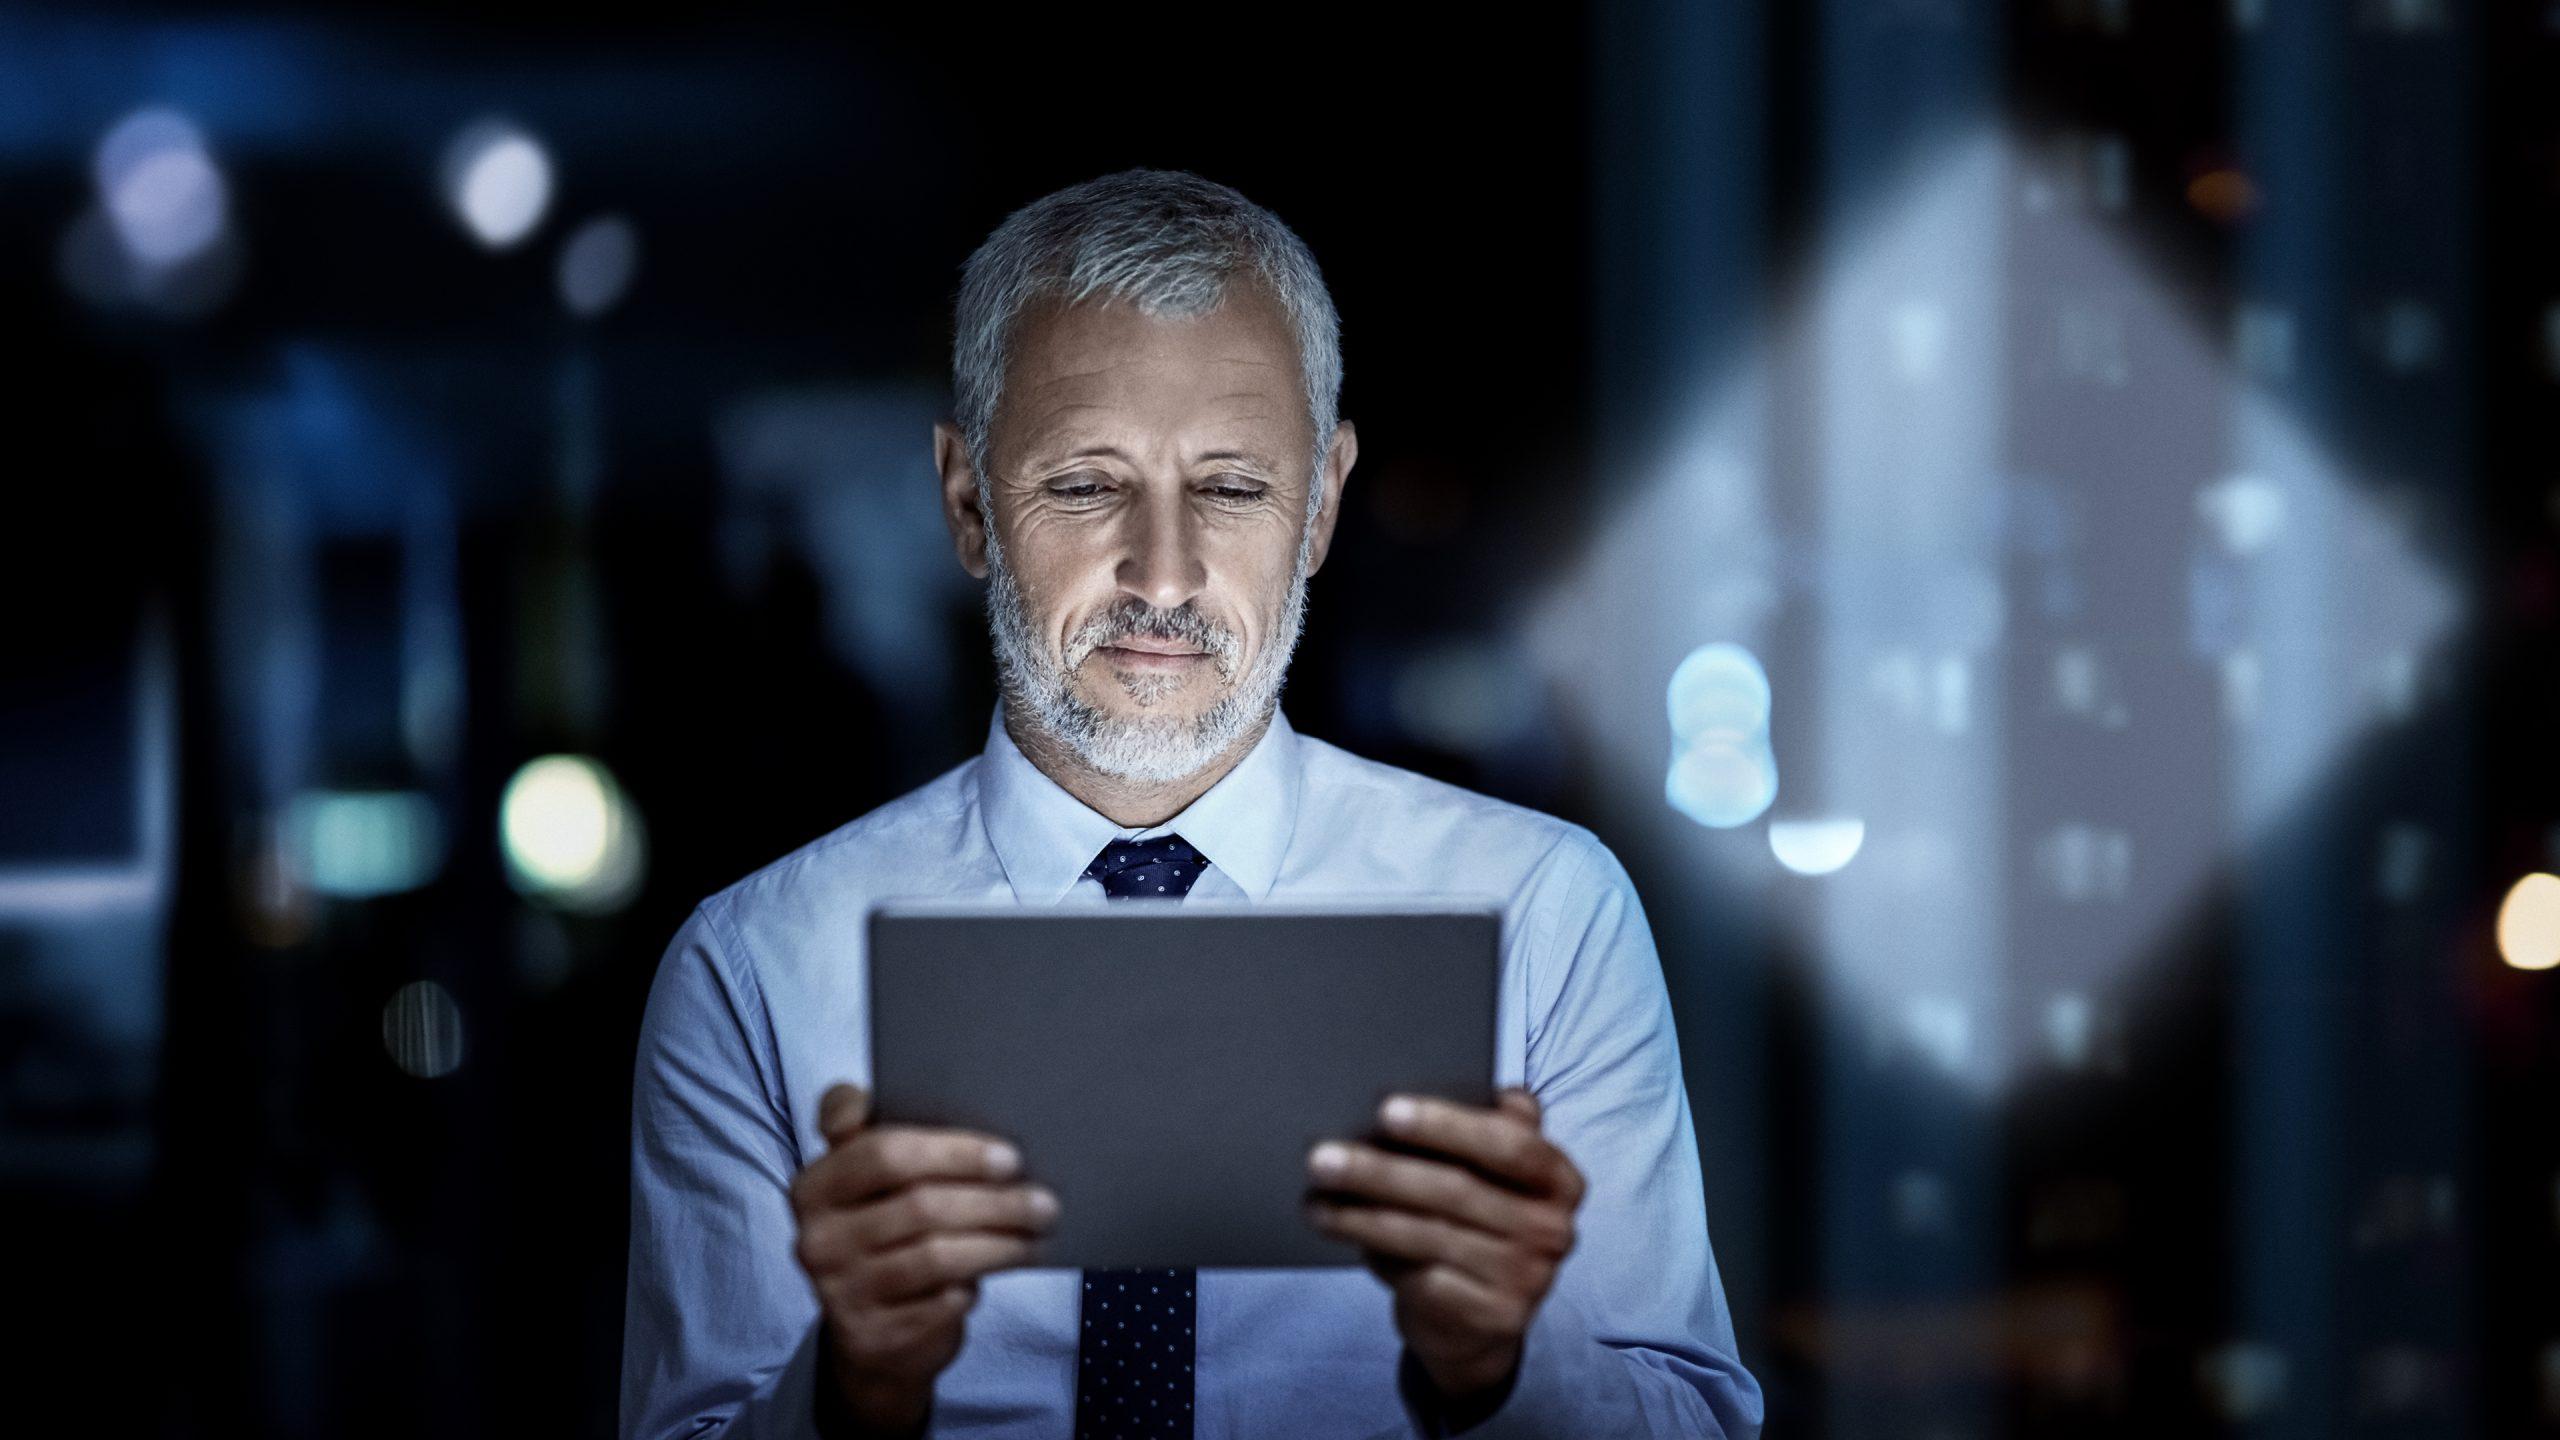 Gefahren für die IT-Sicherheit im Home OfficeVon A bis Z: